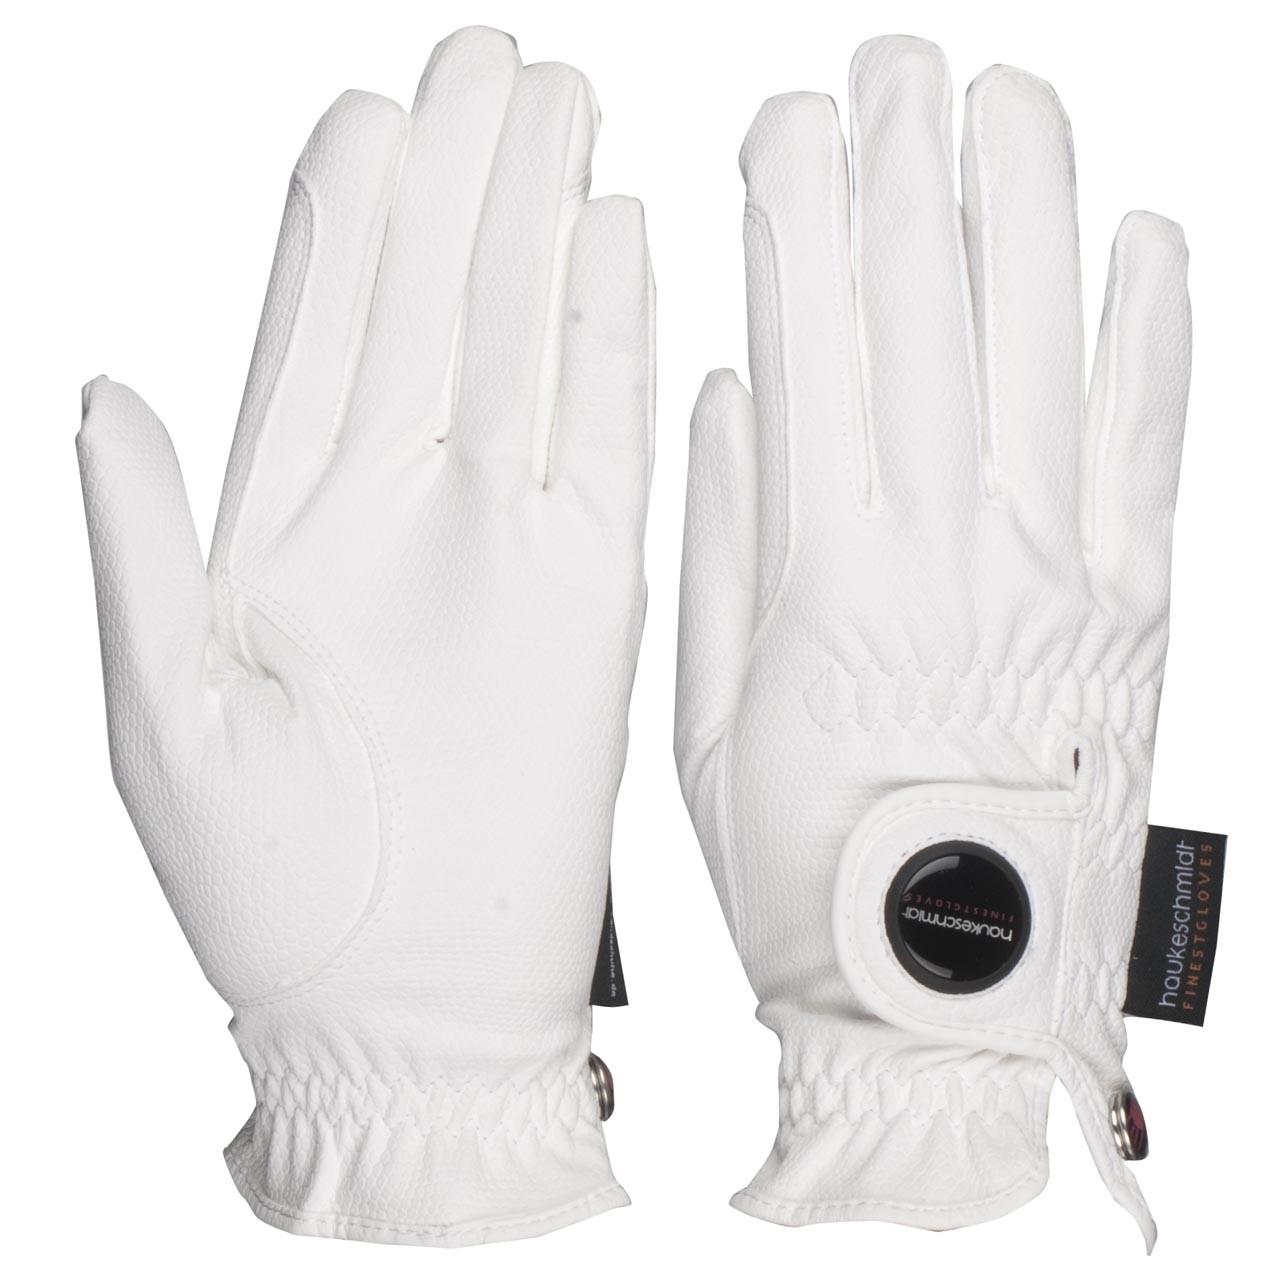 H.Schmidt Touch of Class handschoenen wit maat:9